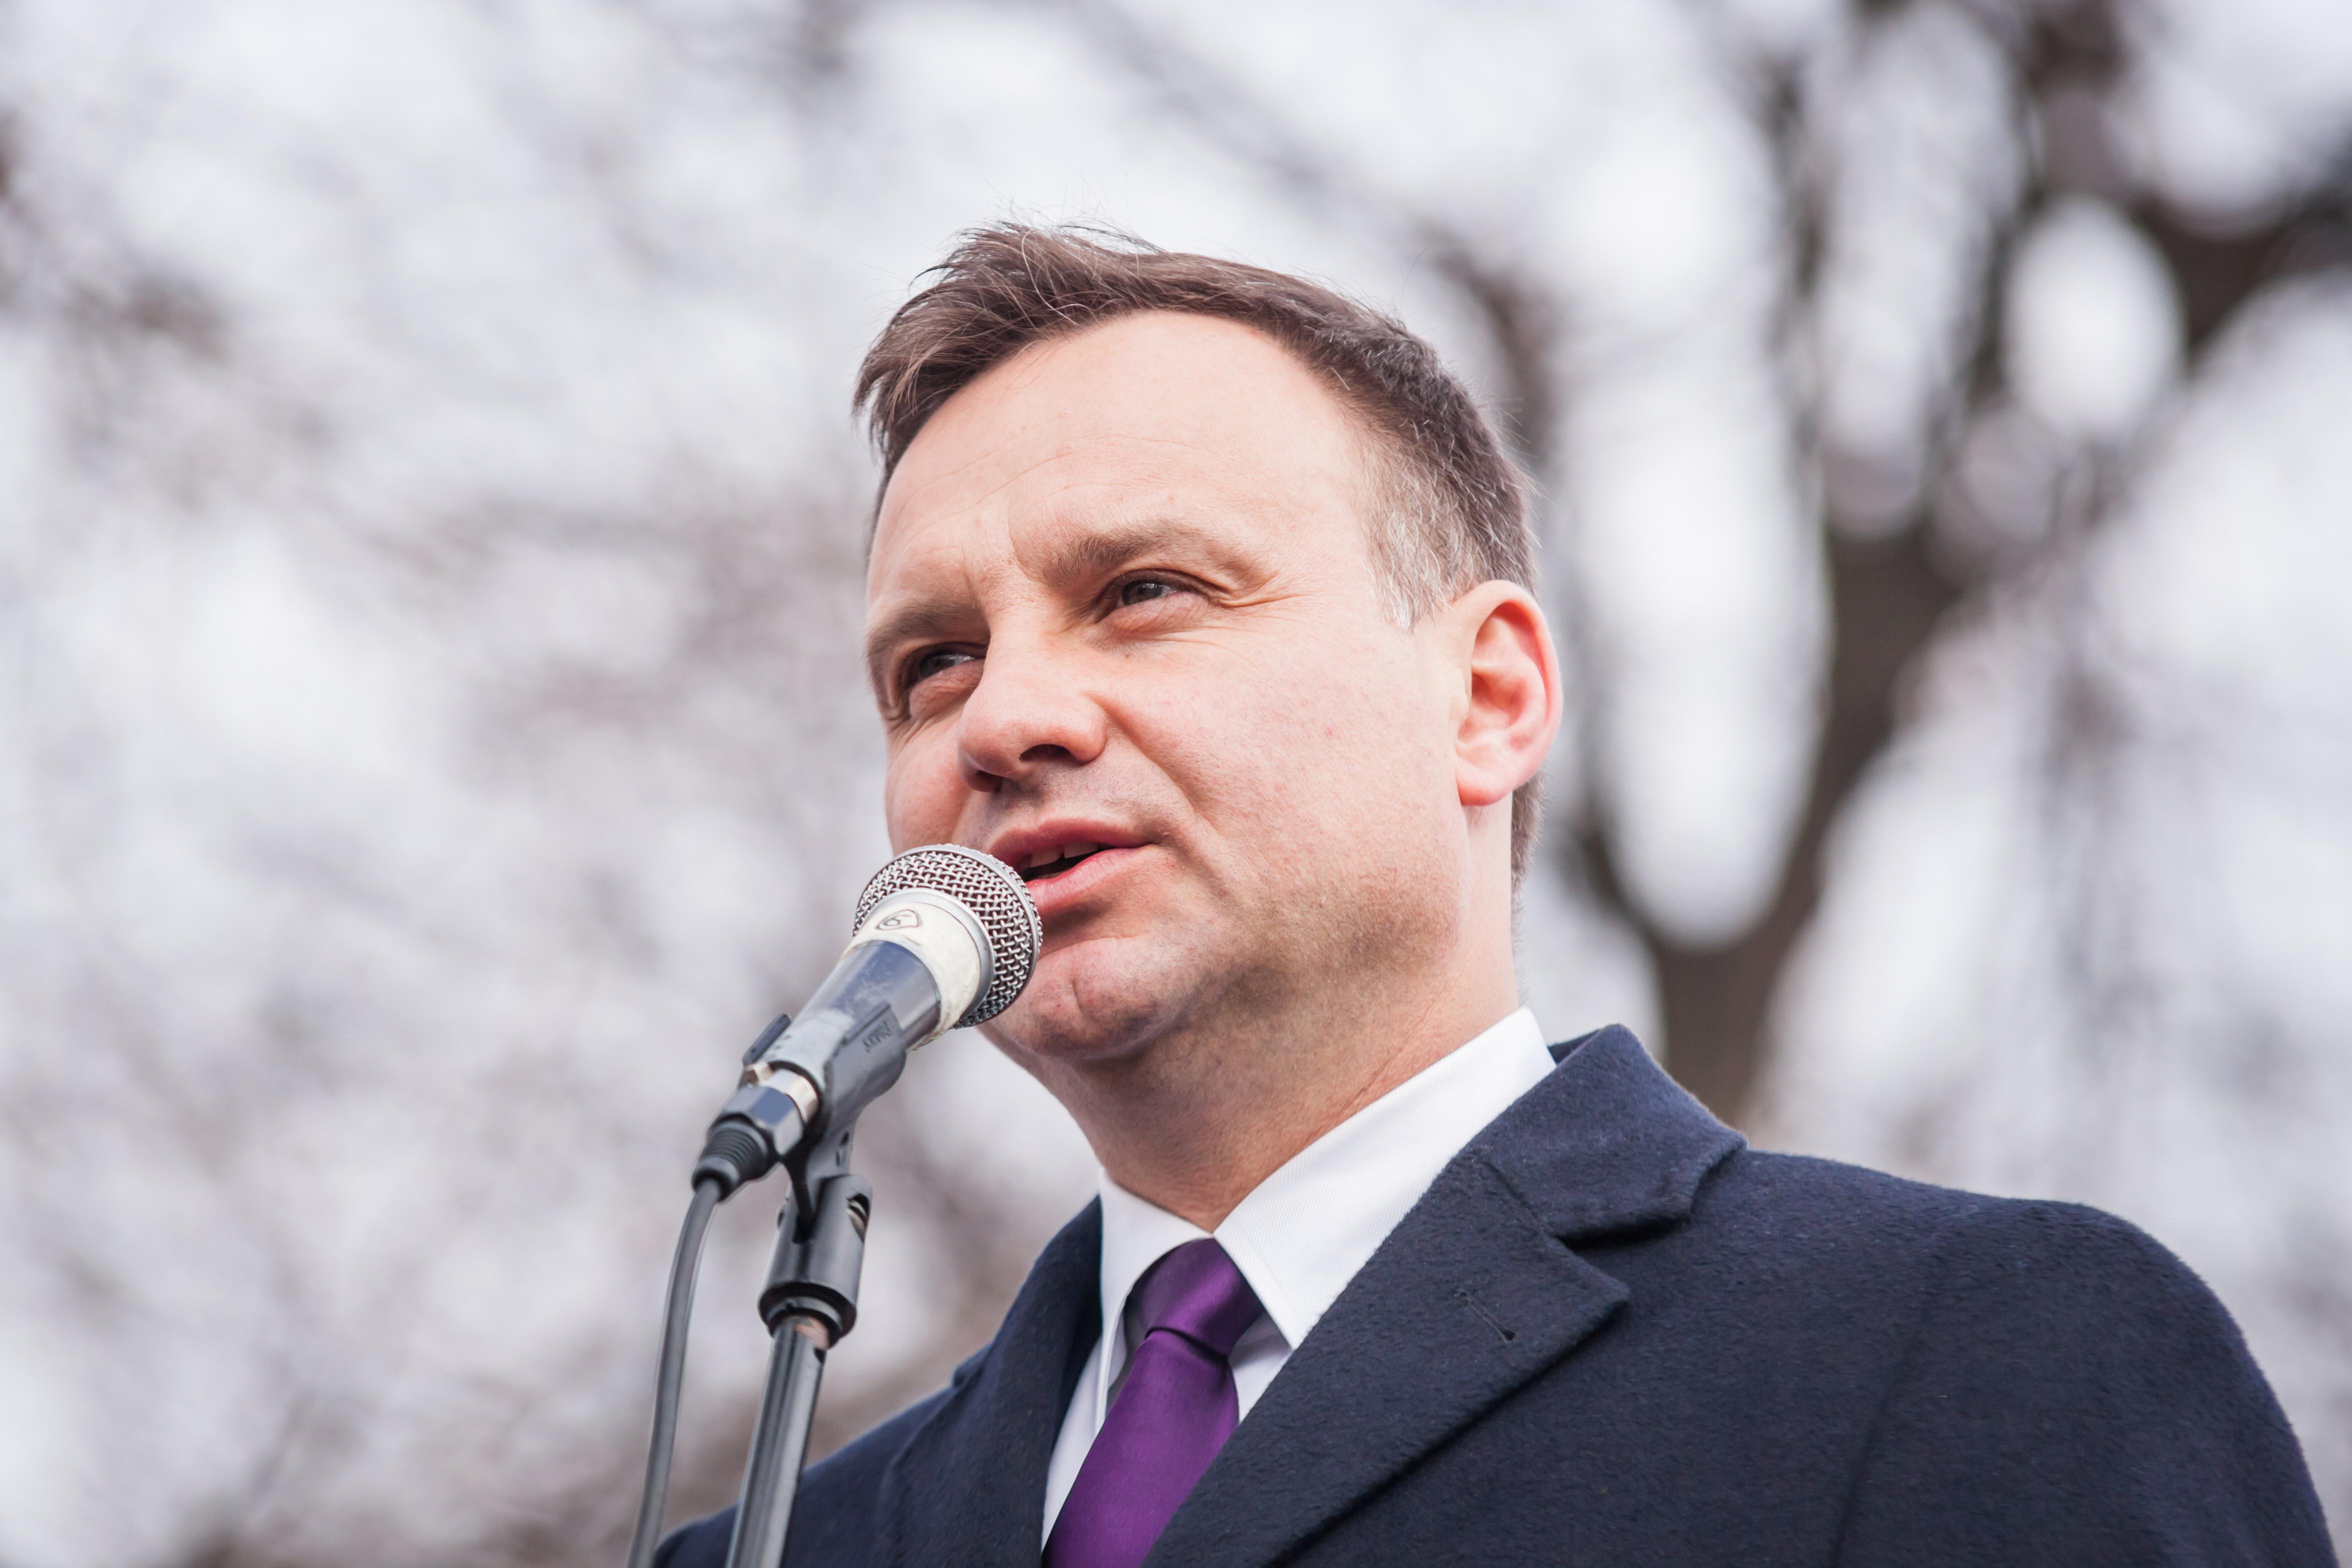 https://upload.wikimedia.org/wikipedia/commons/6/6e/Andrzej_Duda_podczas_kampanii_prezydenckiej.jpg